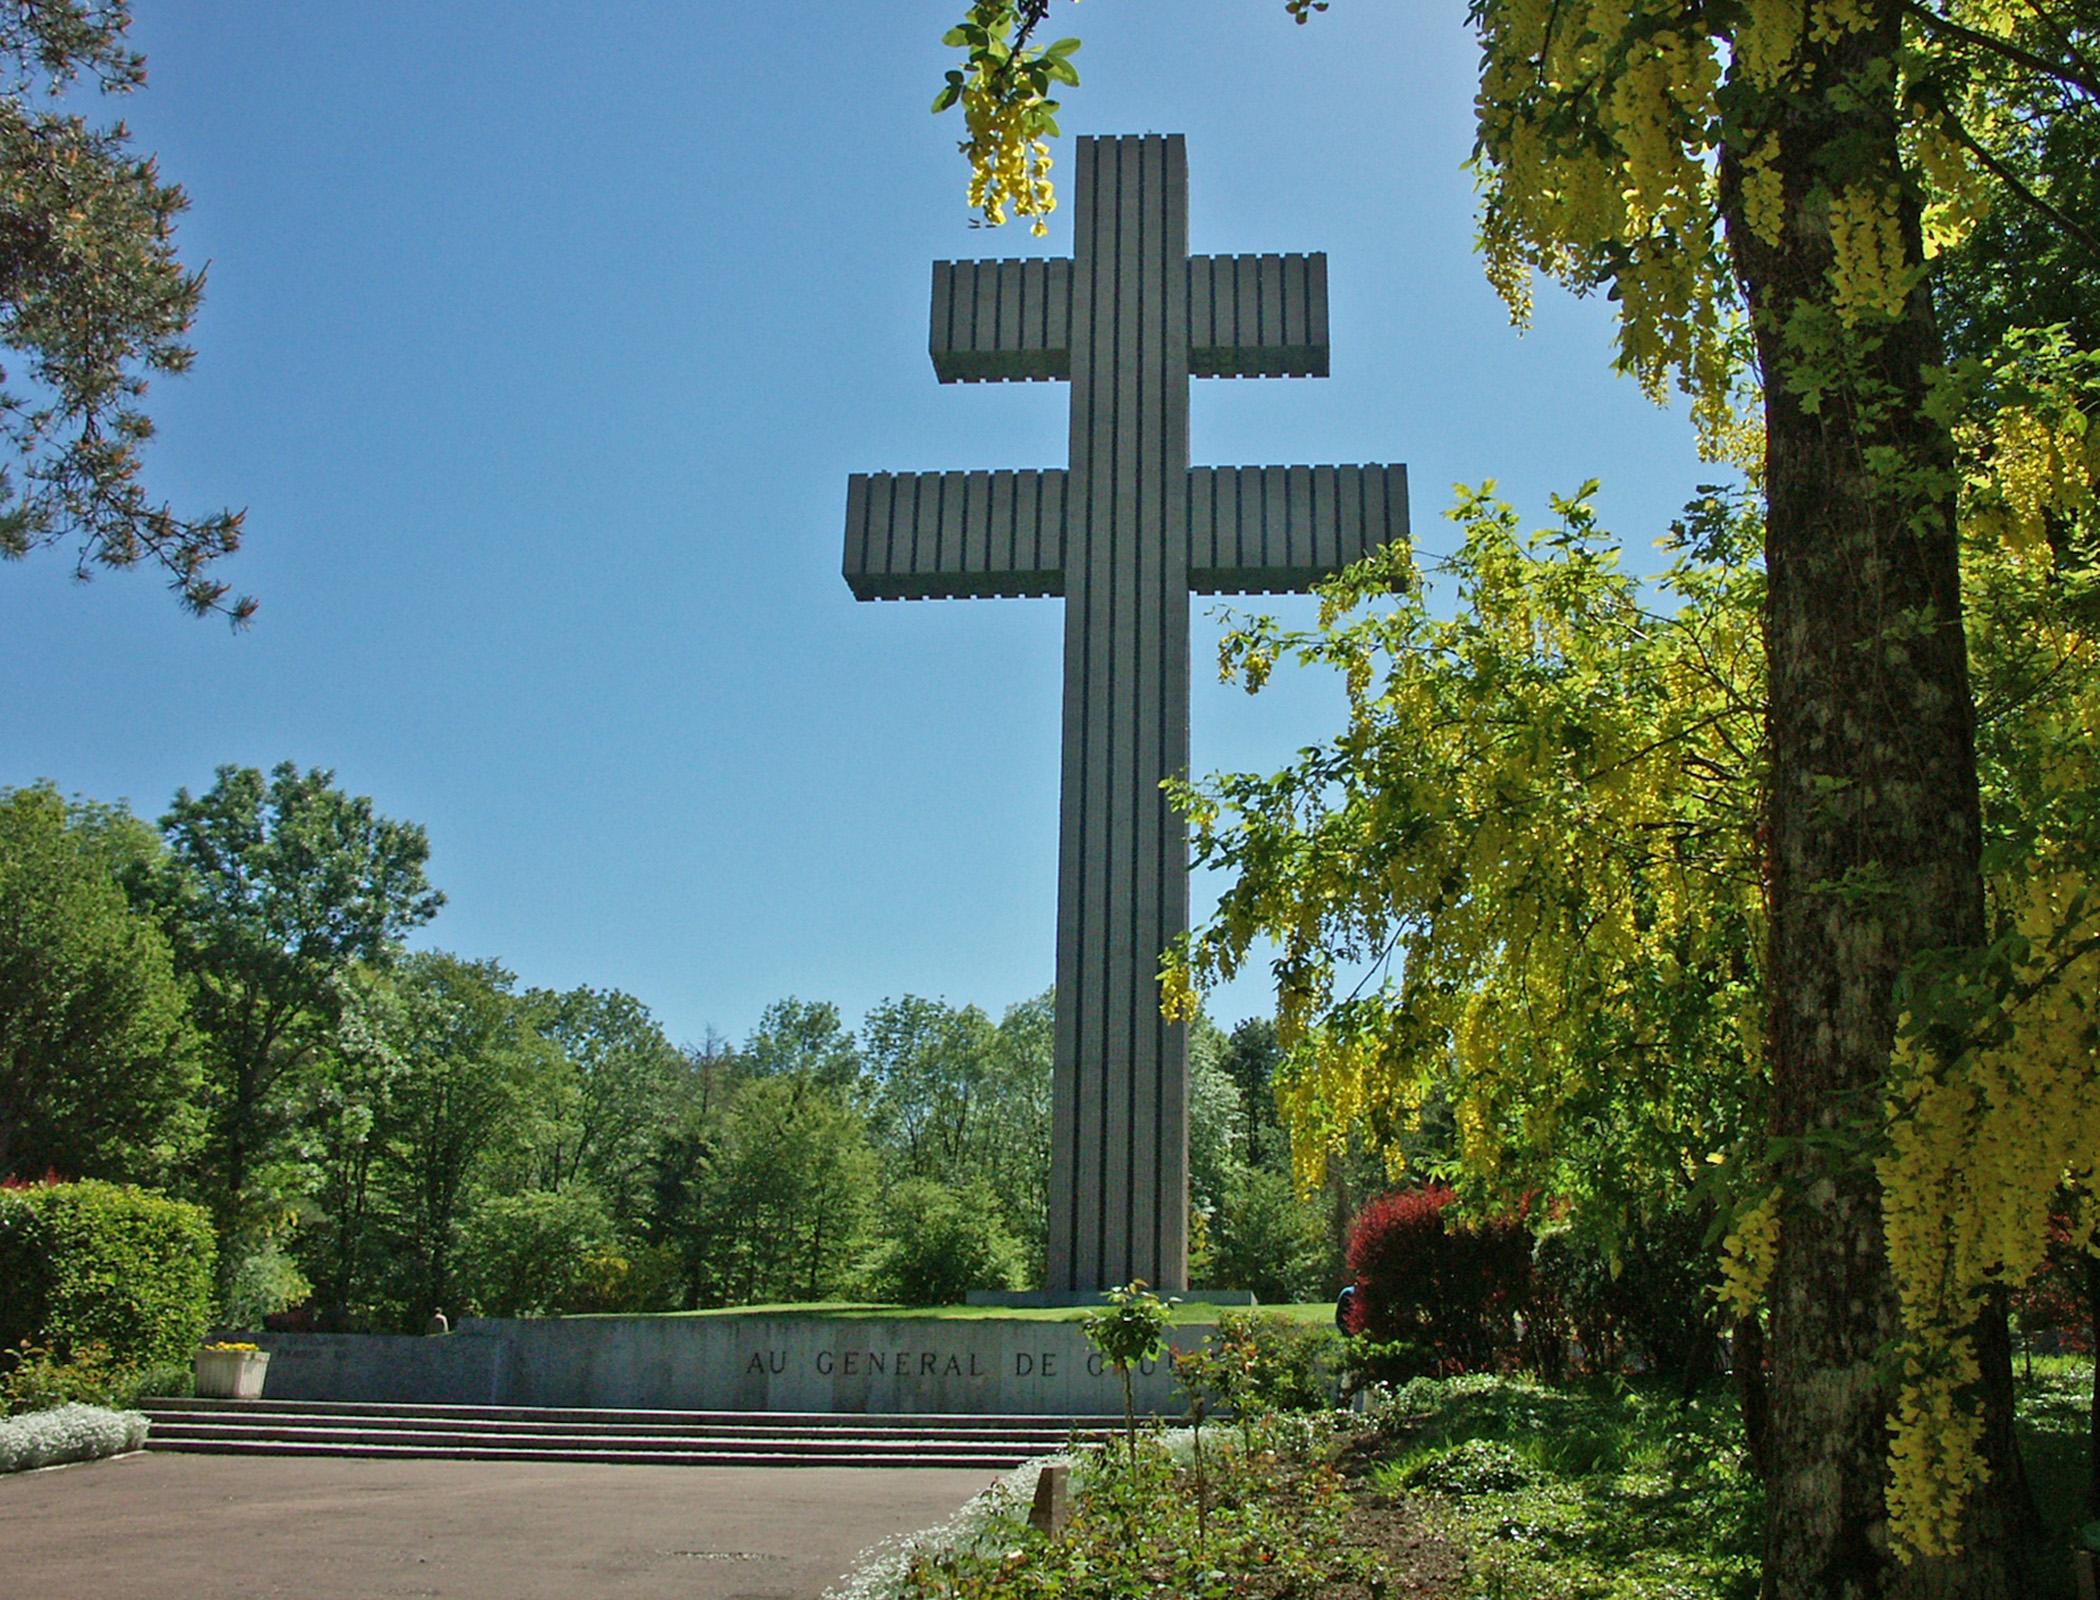 La Croix de lorraine fut choisie par le Général de Gaulle comme étant le symbole de la Résistance - © Juergen Kappenberg / Wikipédia